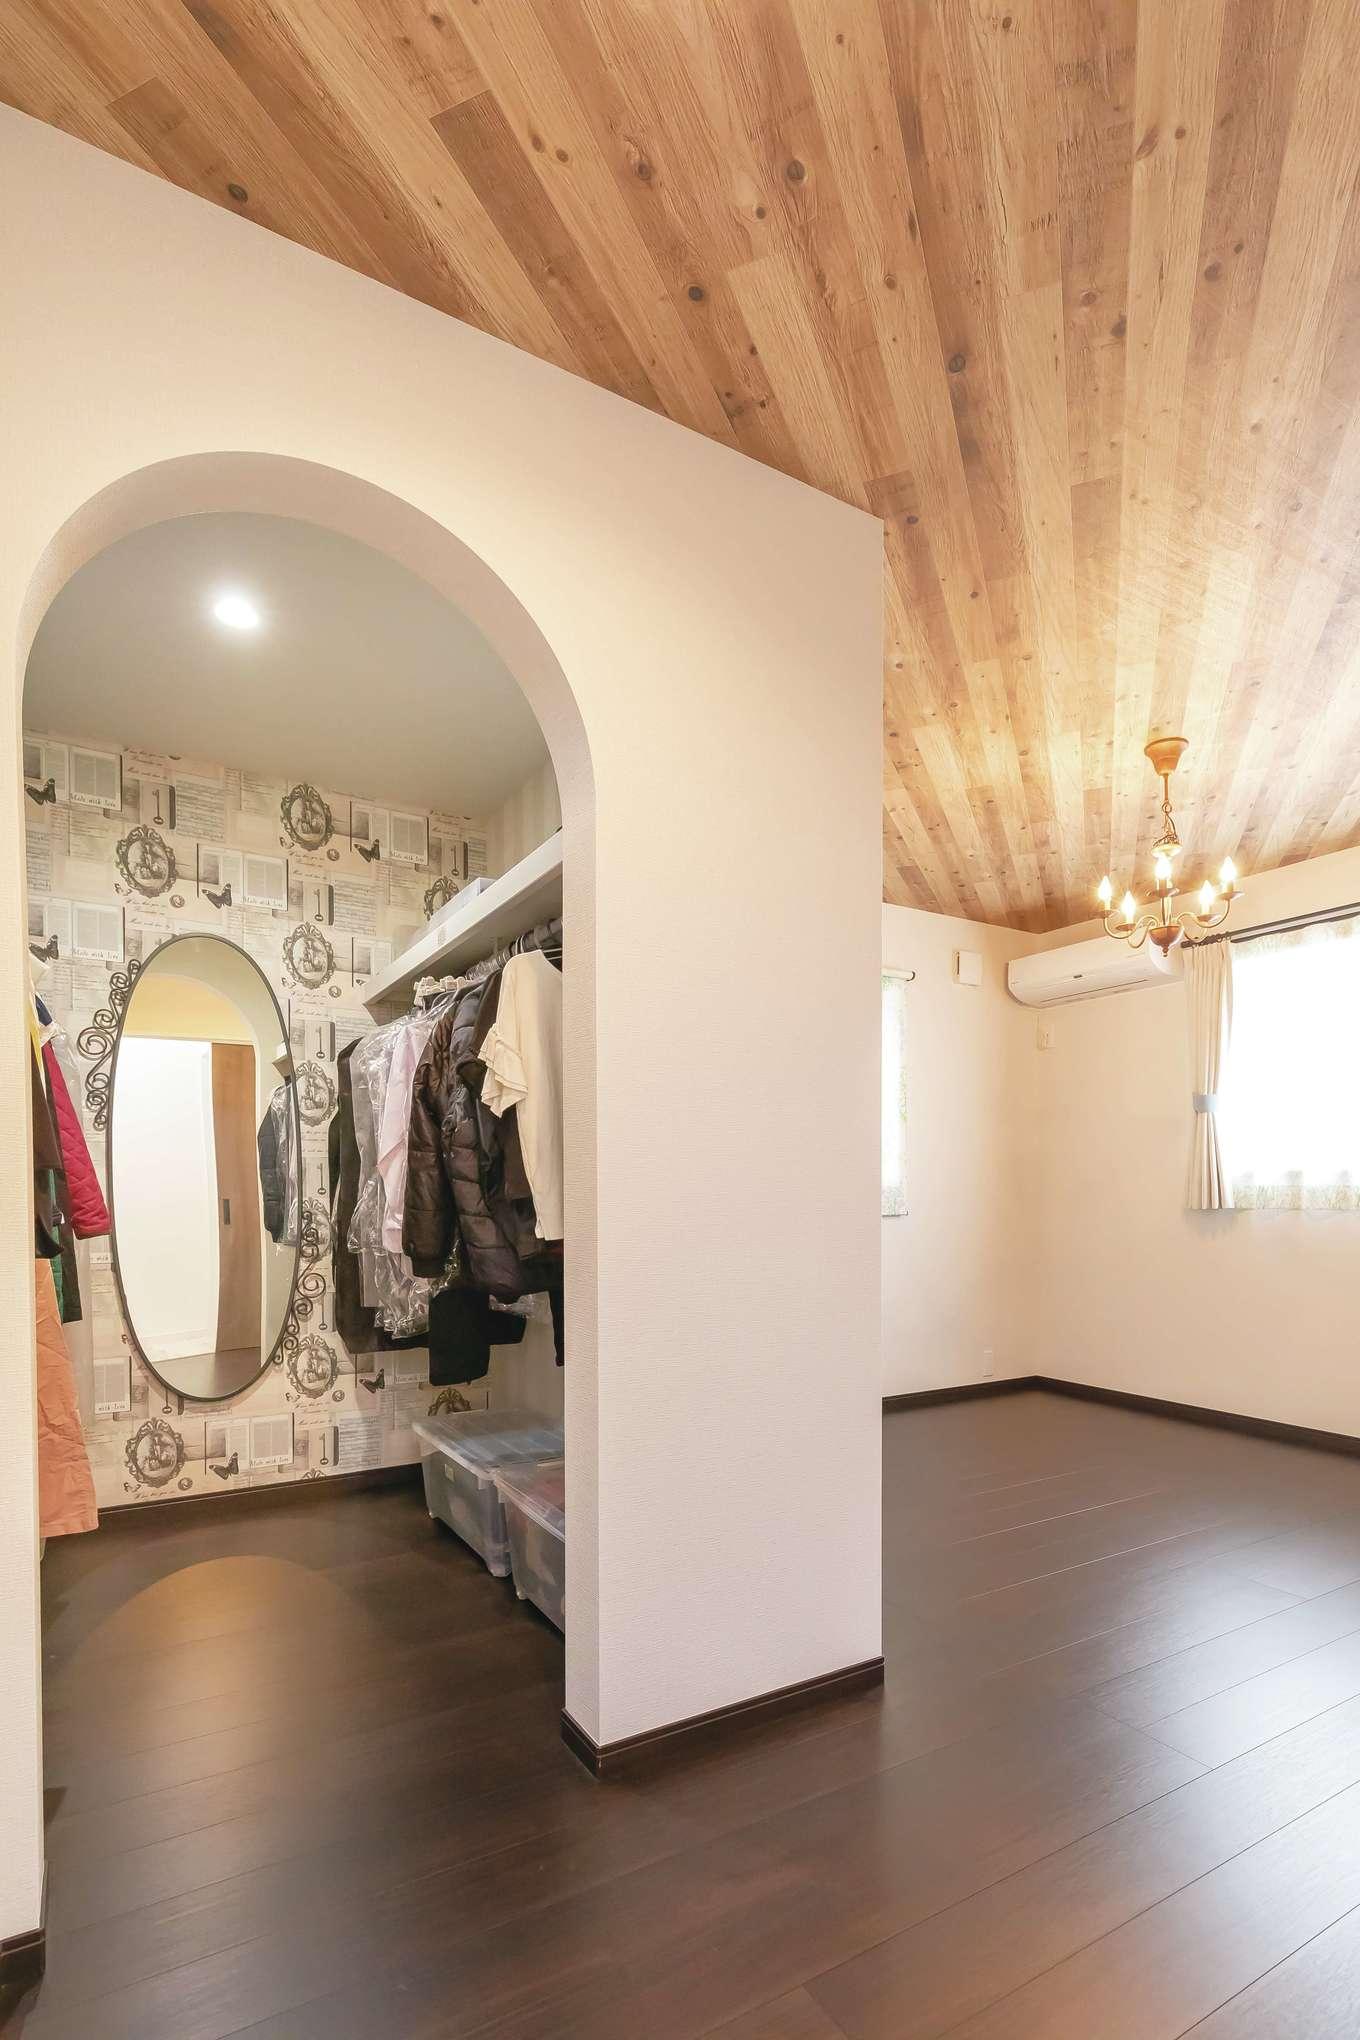 原田工務店【デザイン住宅、子育て、間取り】寝室はシックにコーディネート。ウォークインクローゼットはアーチ型にし、奥さま好みのエレガントなクロスを採用